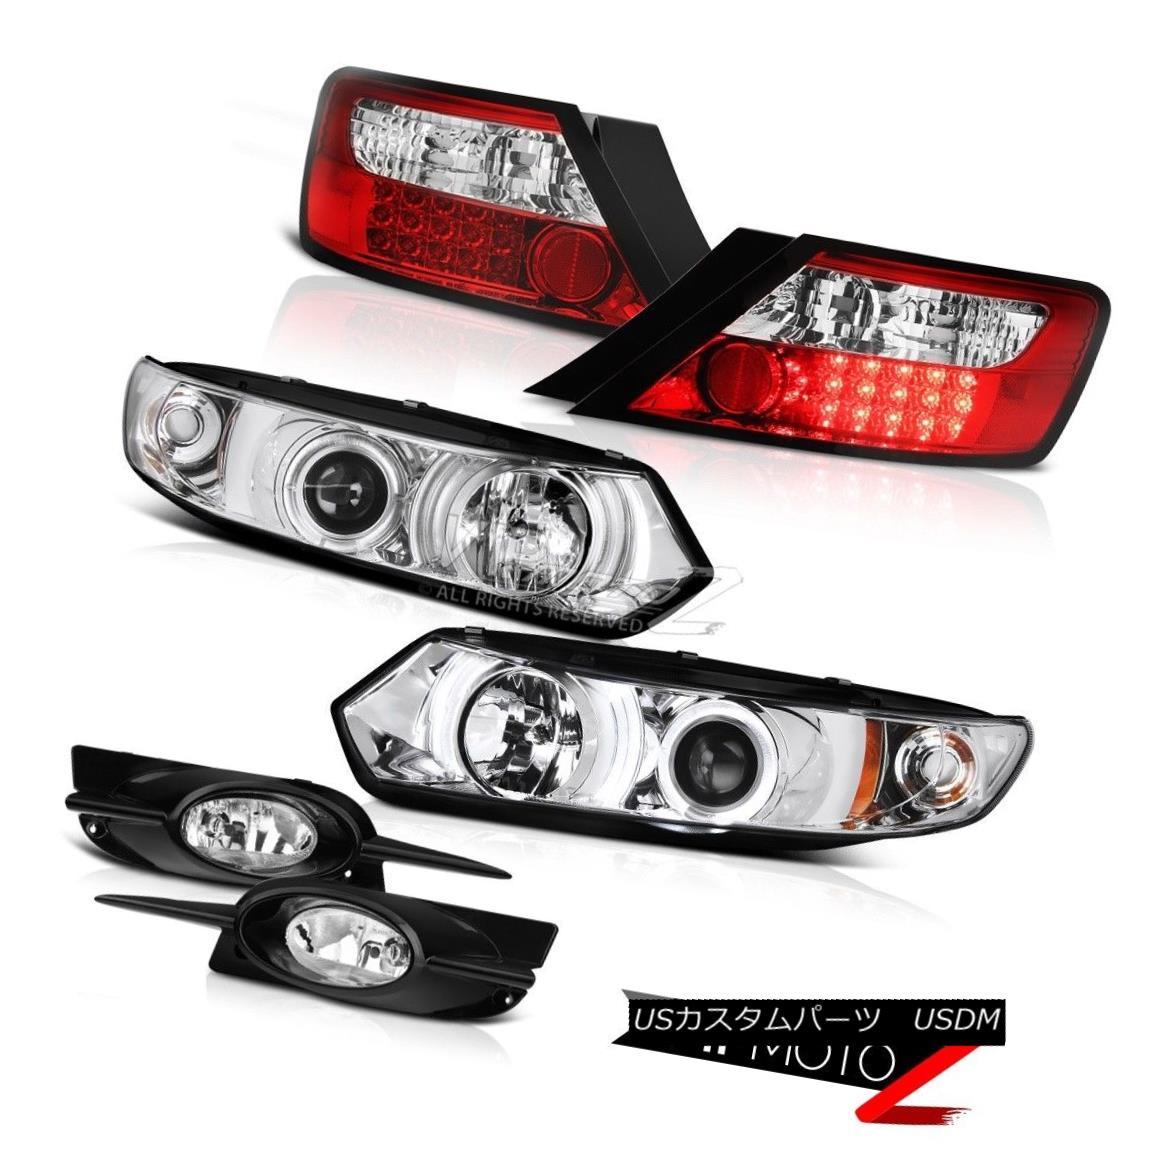 テールライト 09-11 Civic 2D Coupe Projector Clear Headlight LED Signal Tail Light Driving Fog 09-11シビック2DクーペプロジェクタークリアヘッドライトLED信号テールライトドライビングフォグ